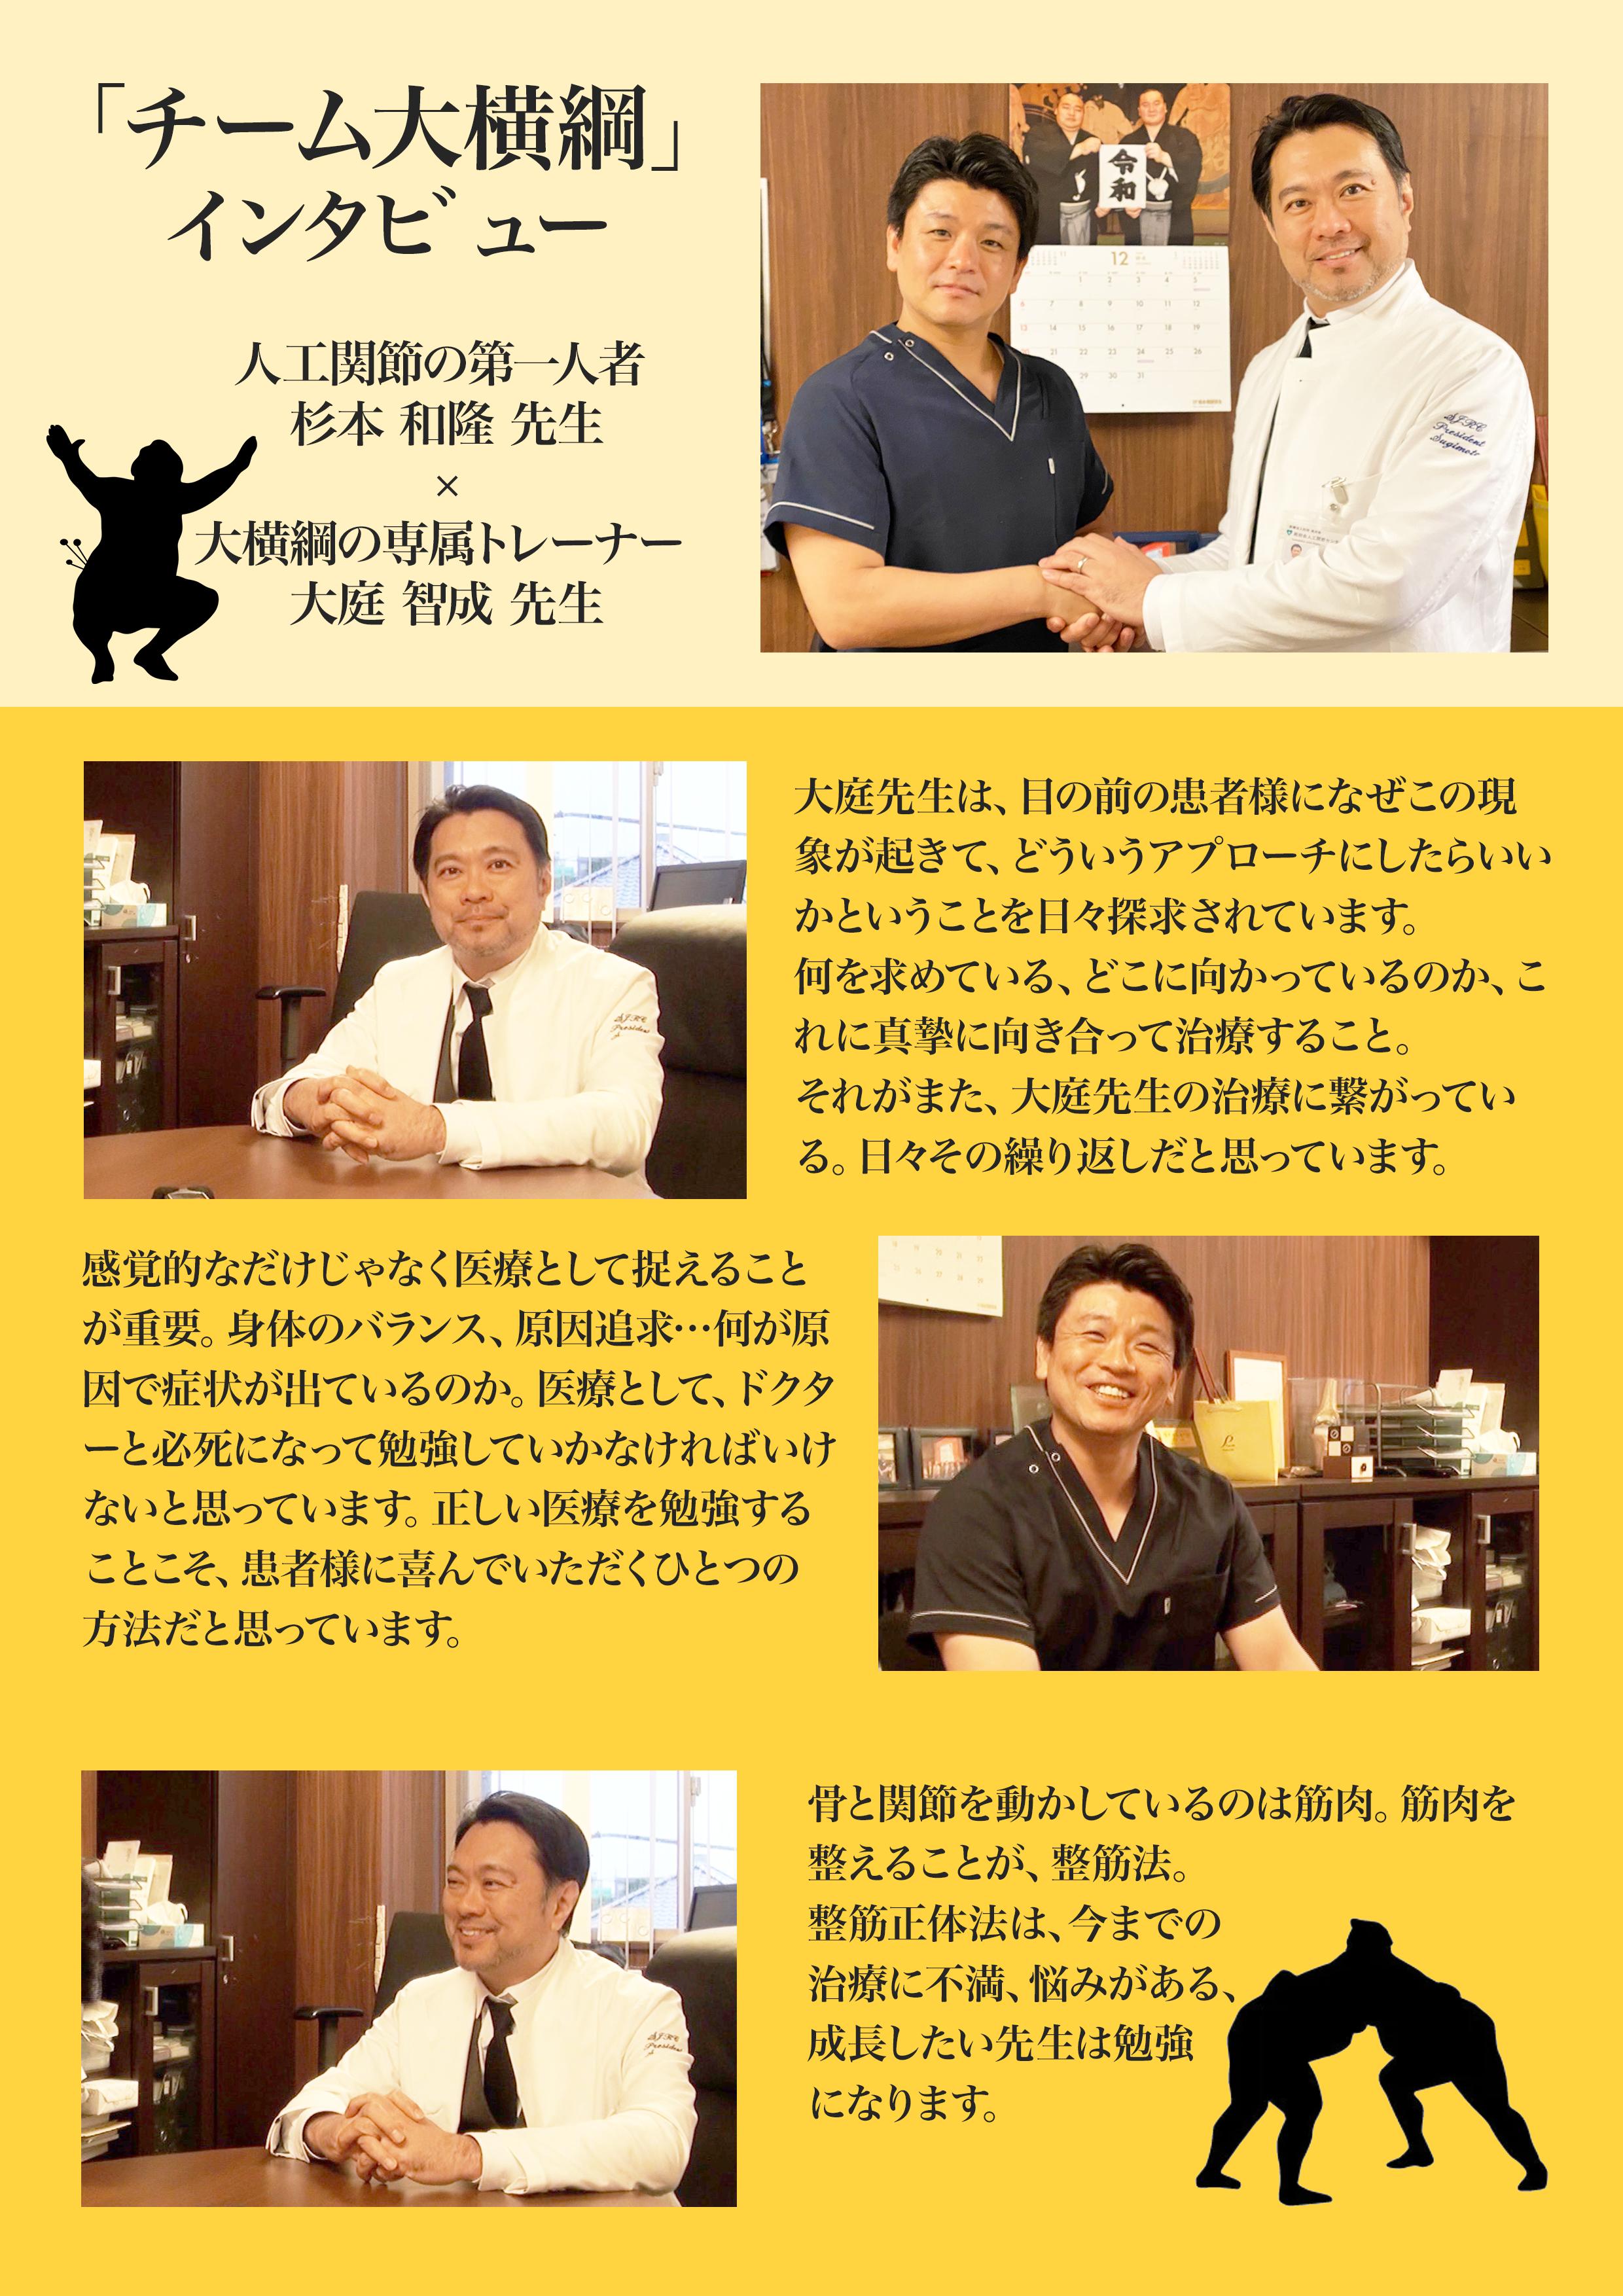 杉本医師との対談映像